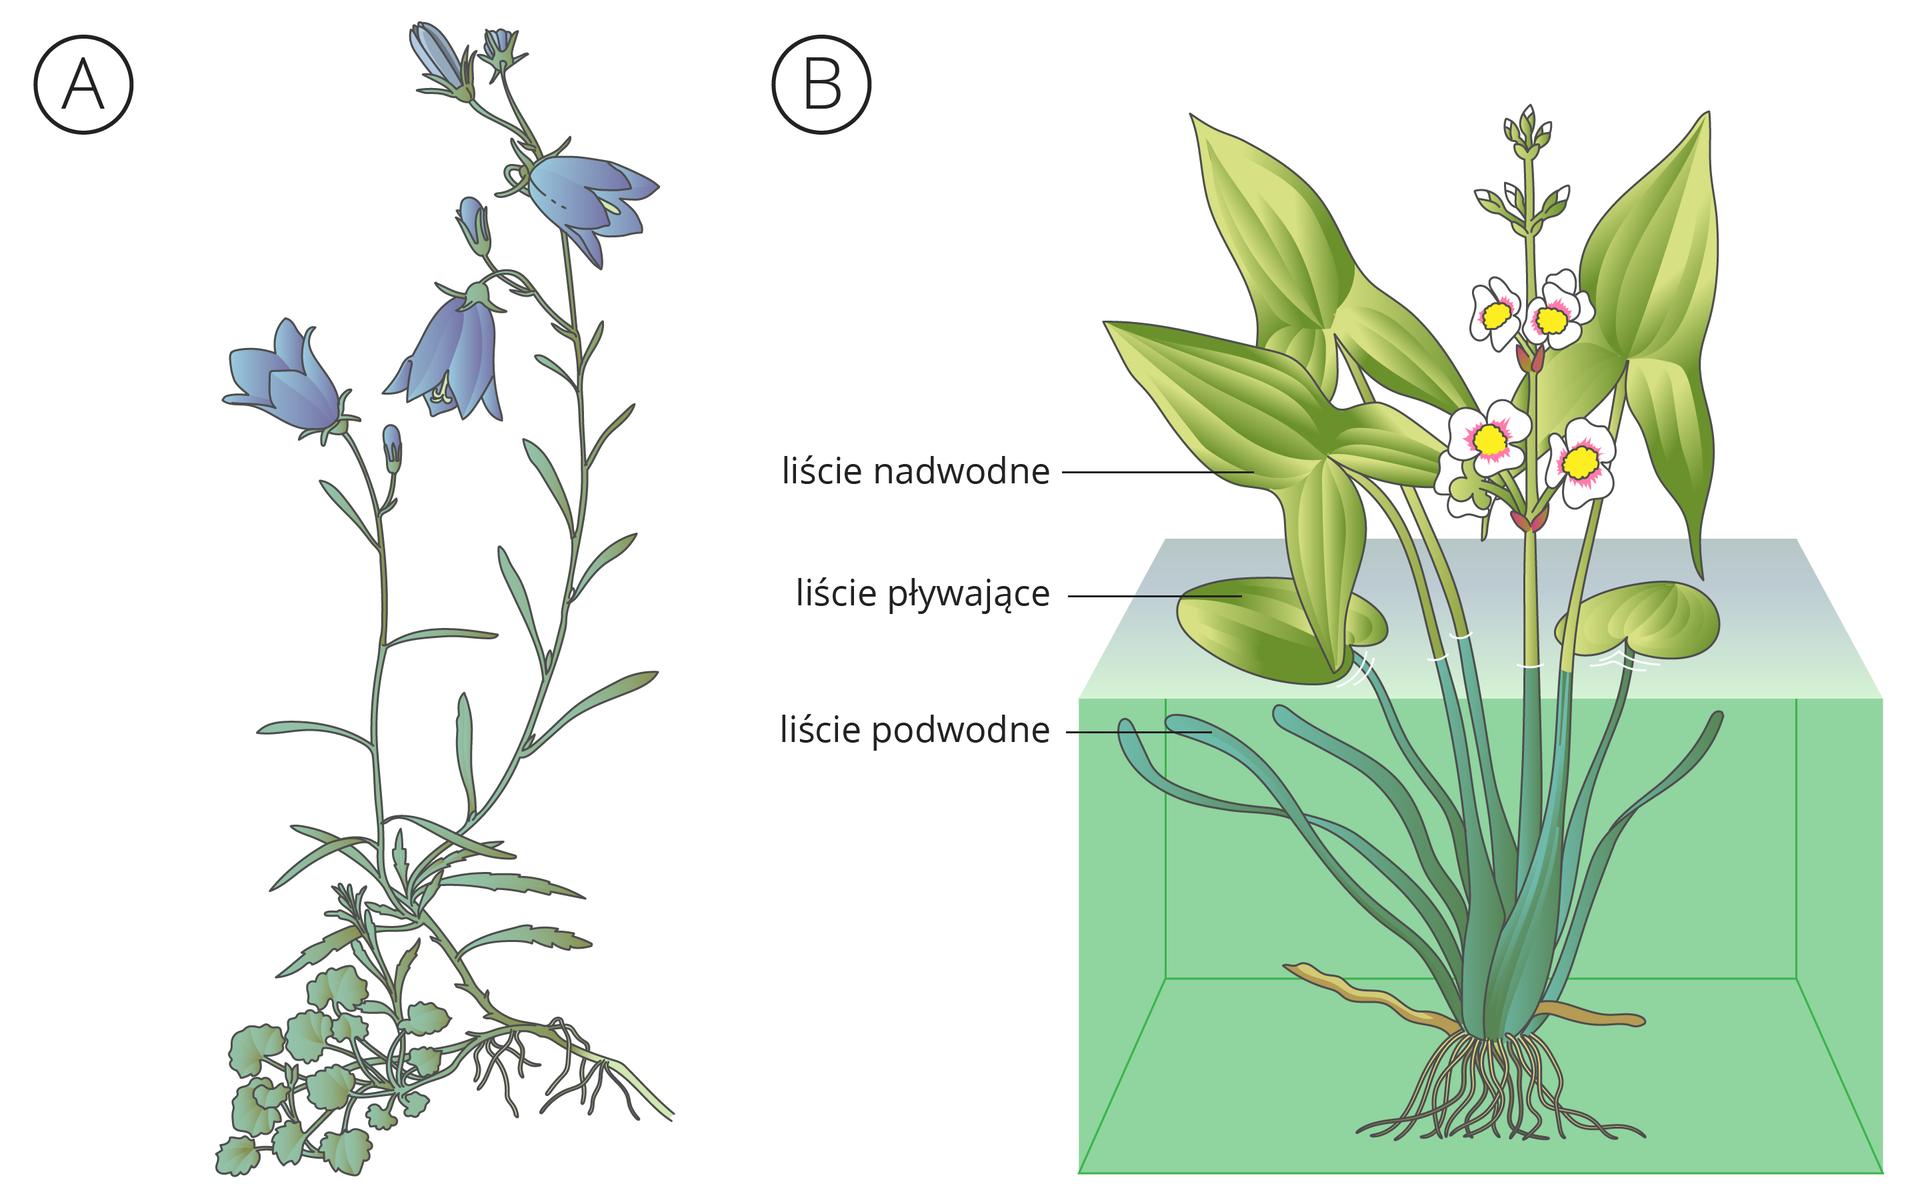 Ilustracja przedstawia dwie rośliny. Po lewej pod literą Adzwonek okrągłolistny, zniebieskimi kwiatami. Ugóry łodygi ma liście wąskie, udołu liście okrągłe. Po prawej pod literą Bstrzałka wodna, przestawiona częściowo wsześcianie wody. Nad wodę wznoszą się liście wkształcie strzałek ibiałe kwiaty zżółtym środkiem. Na wodzie pływają liście owalne. Pod wodą znajdują się liście taśmowate.